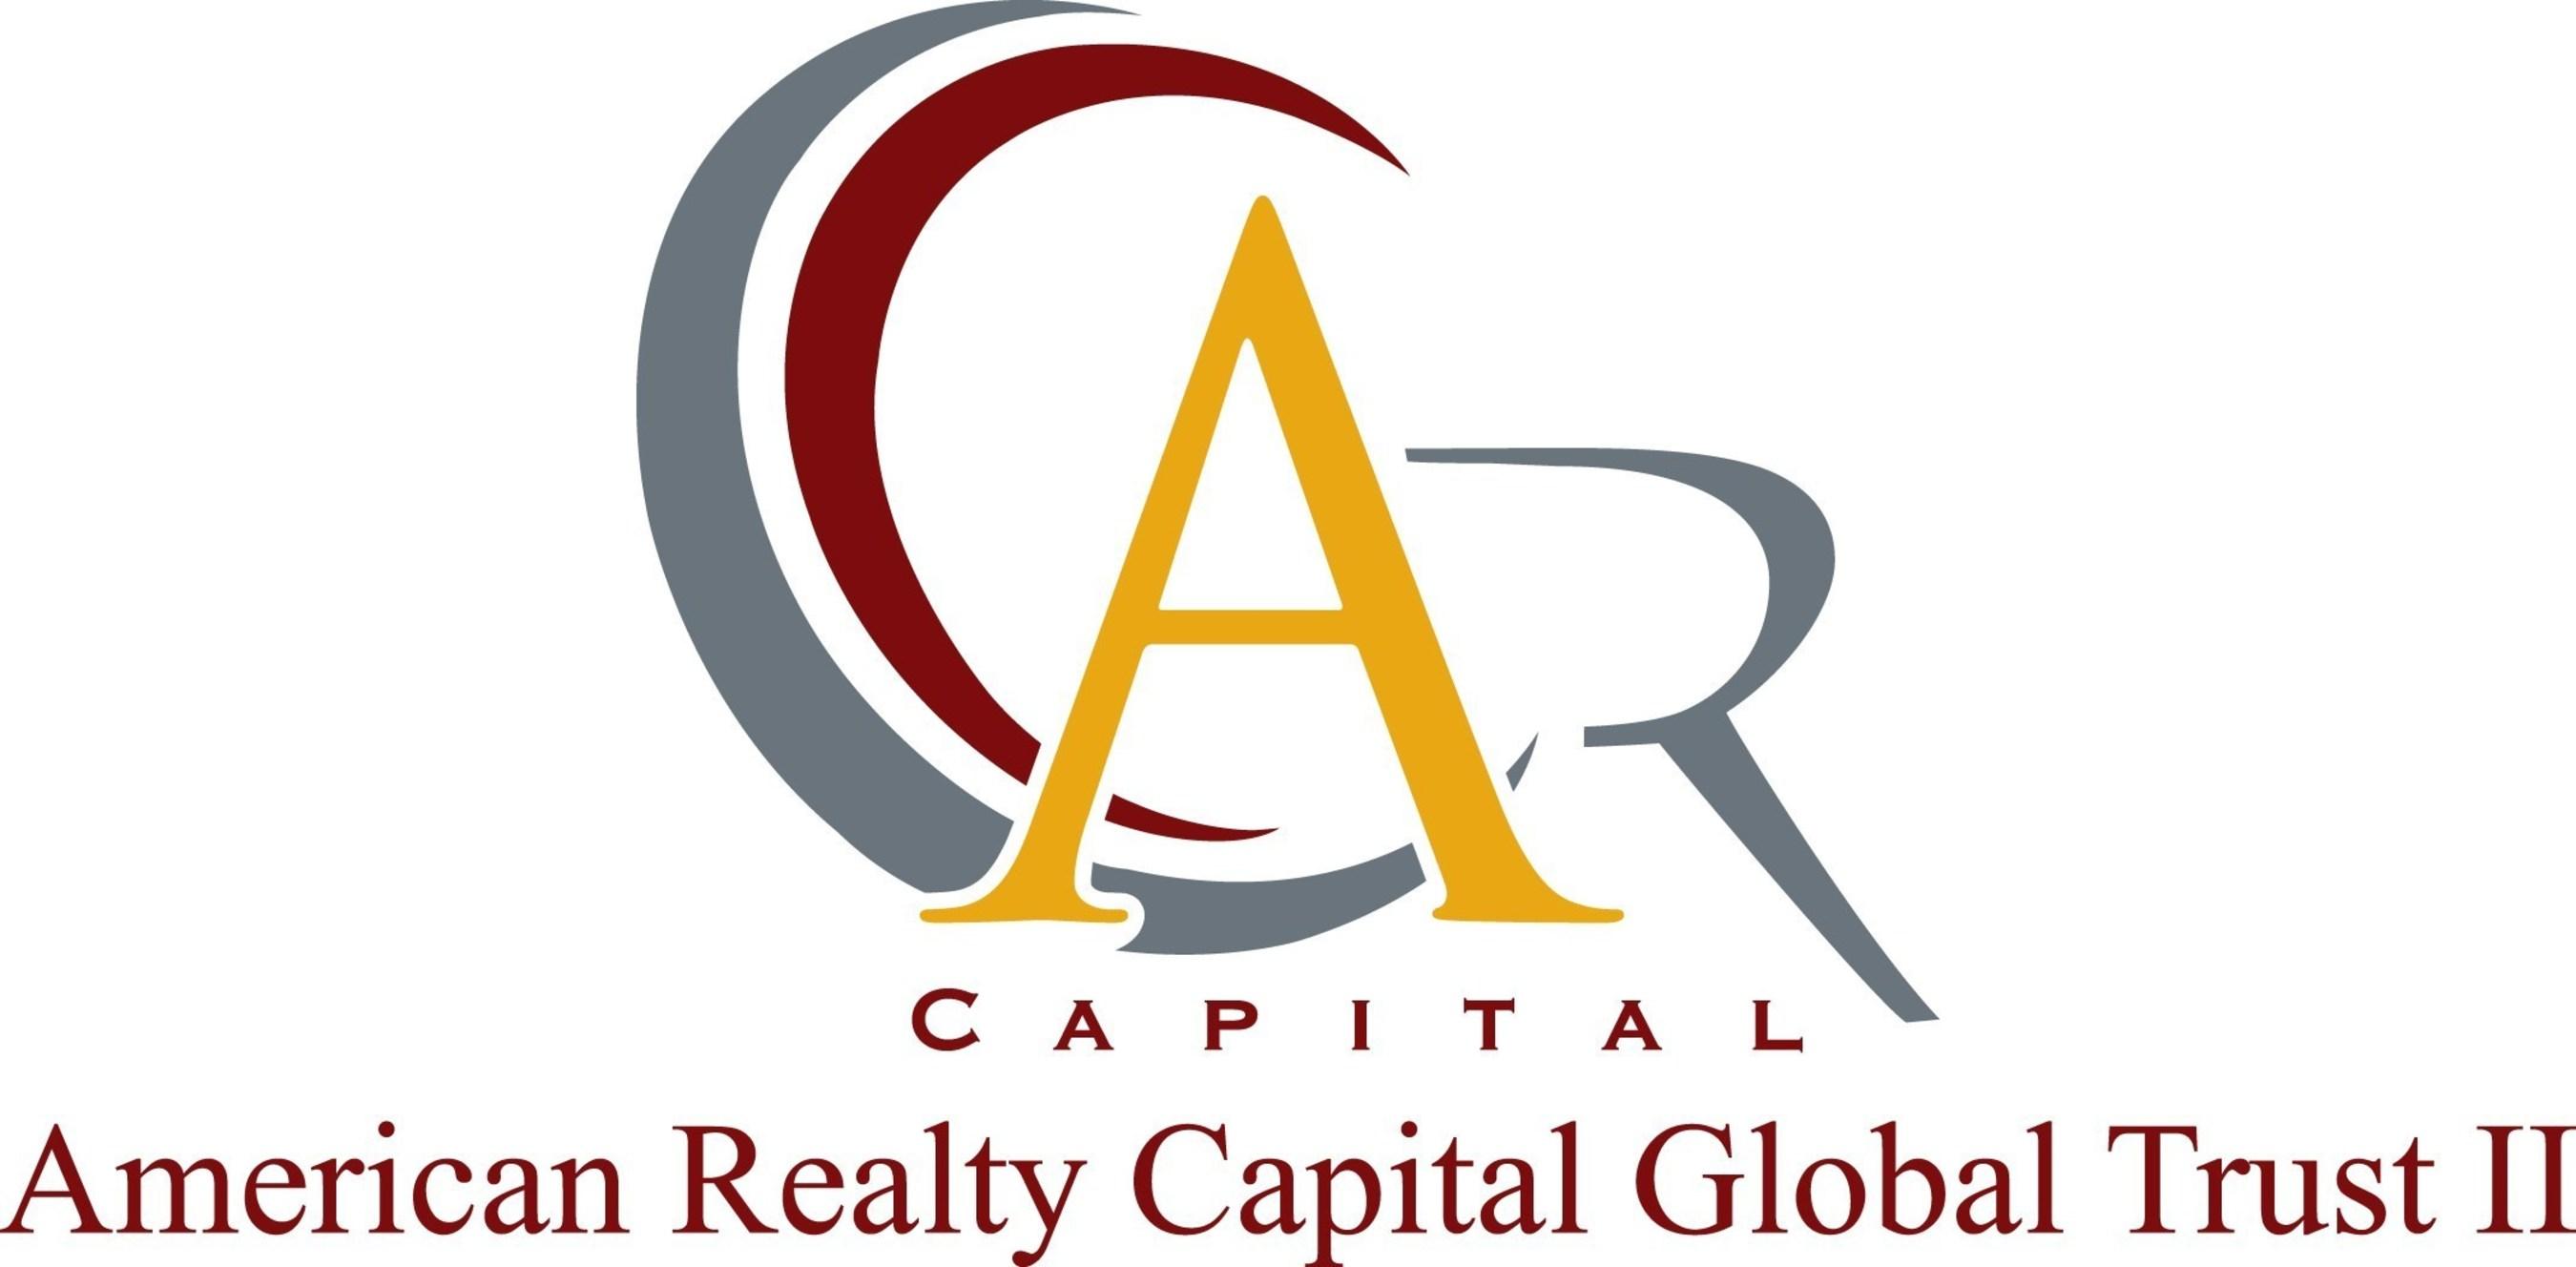 American Realty Capital Global Trust II (PRNewsFoto/American Realty Capital Global T)